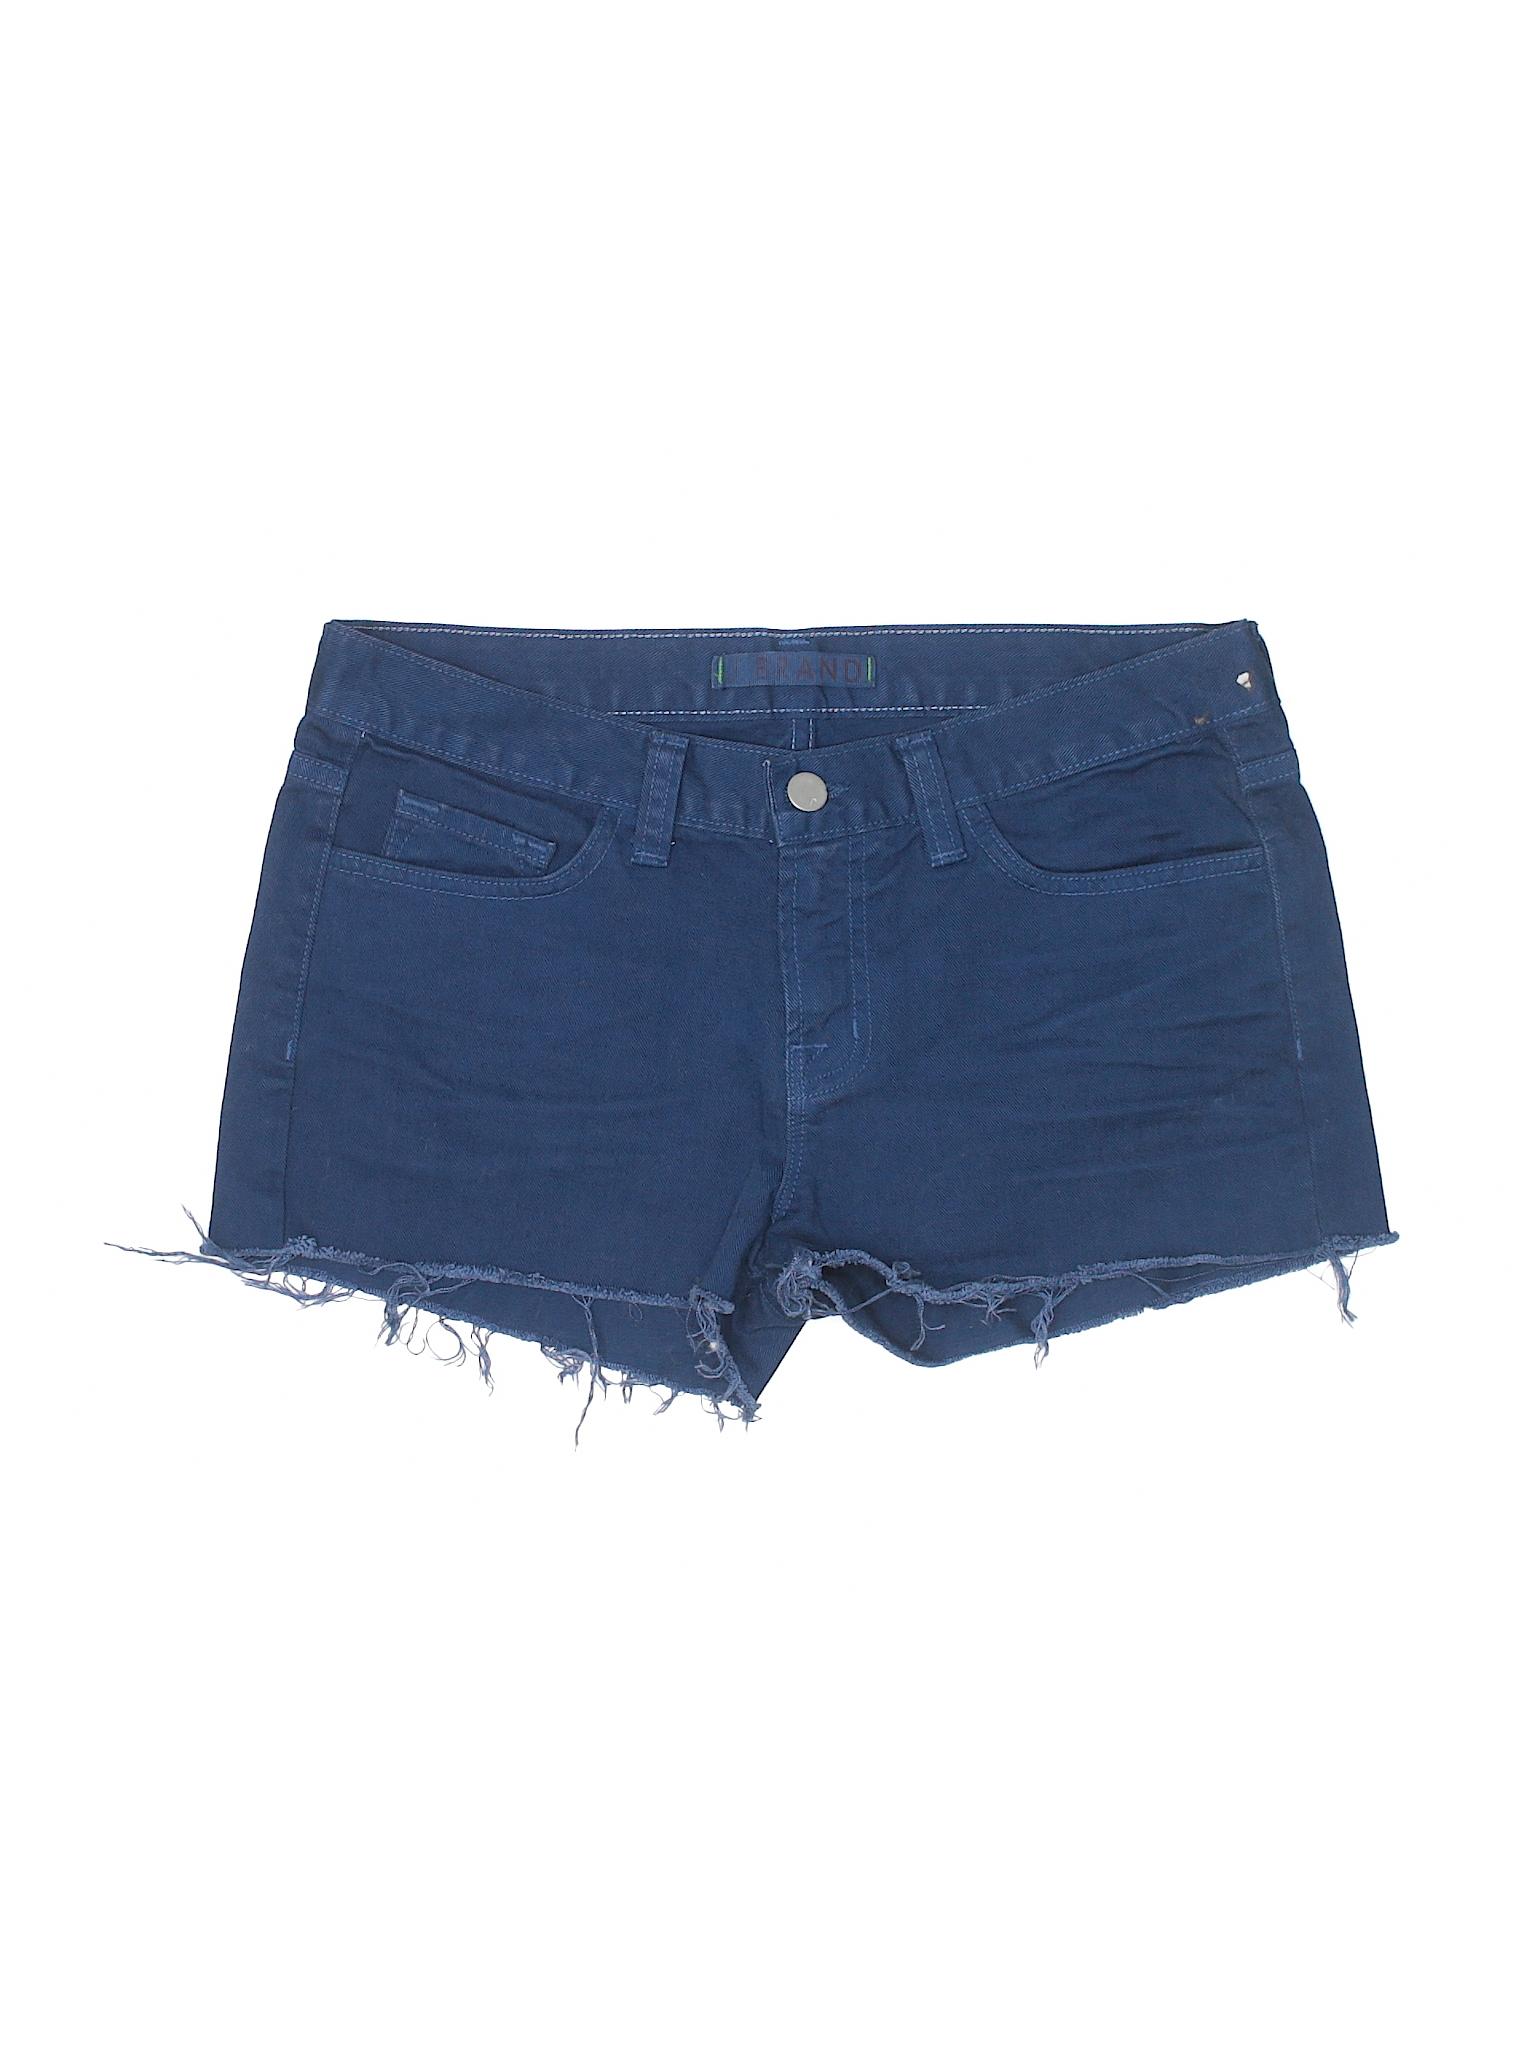 Shorts Brand Denim J Boutique Shorts Boutique Brand Denim Boutique J fndZ0TTP